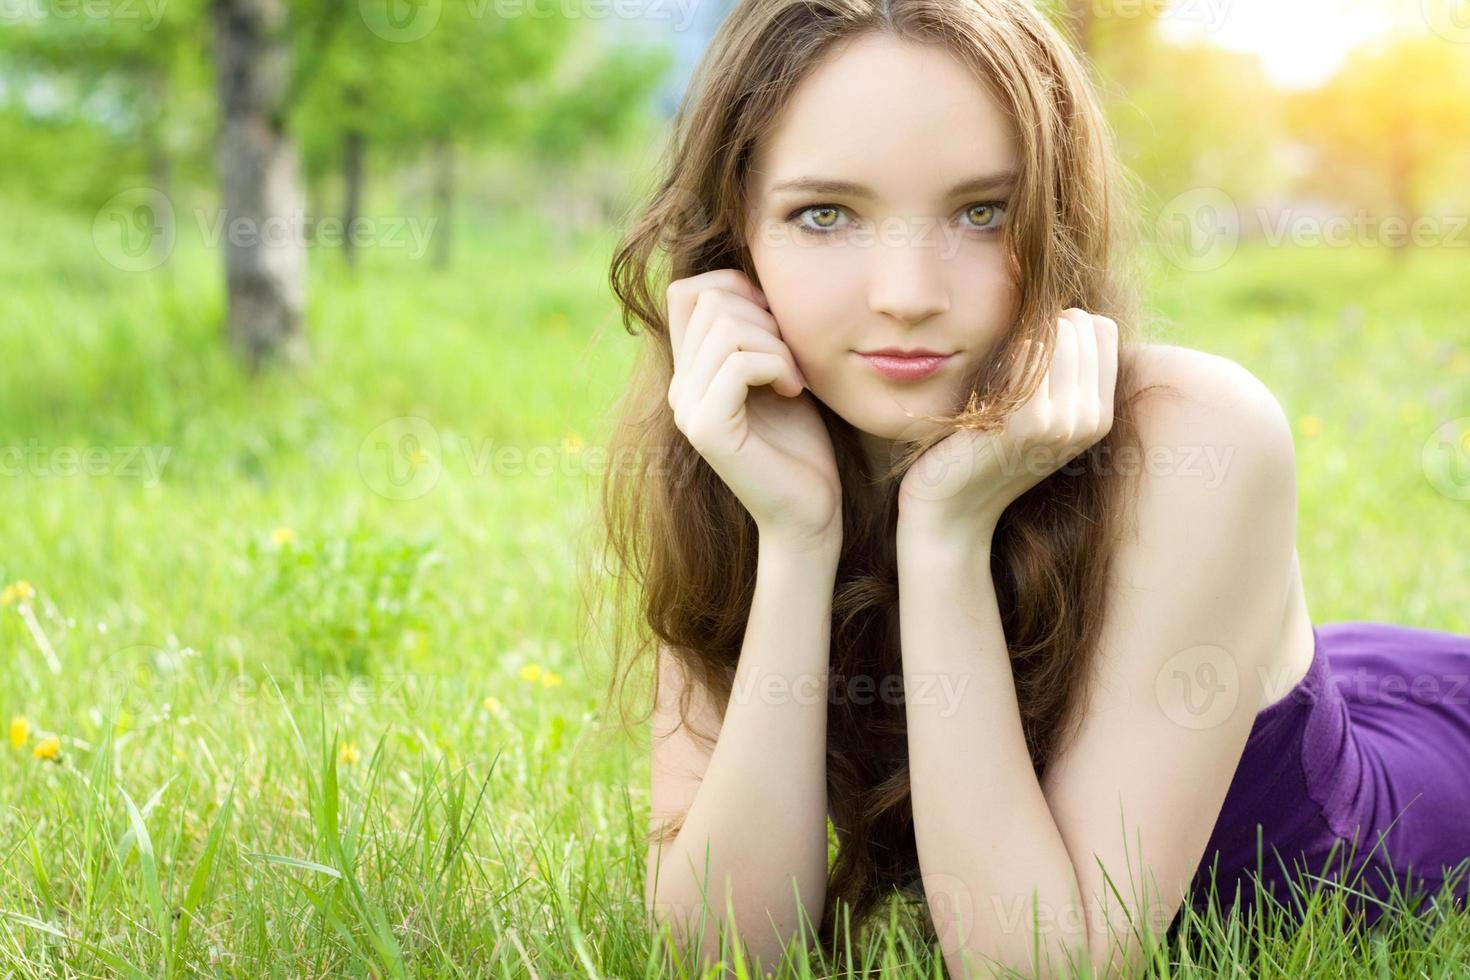 jeune fille adolescente brune allongée sur le pré photo